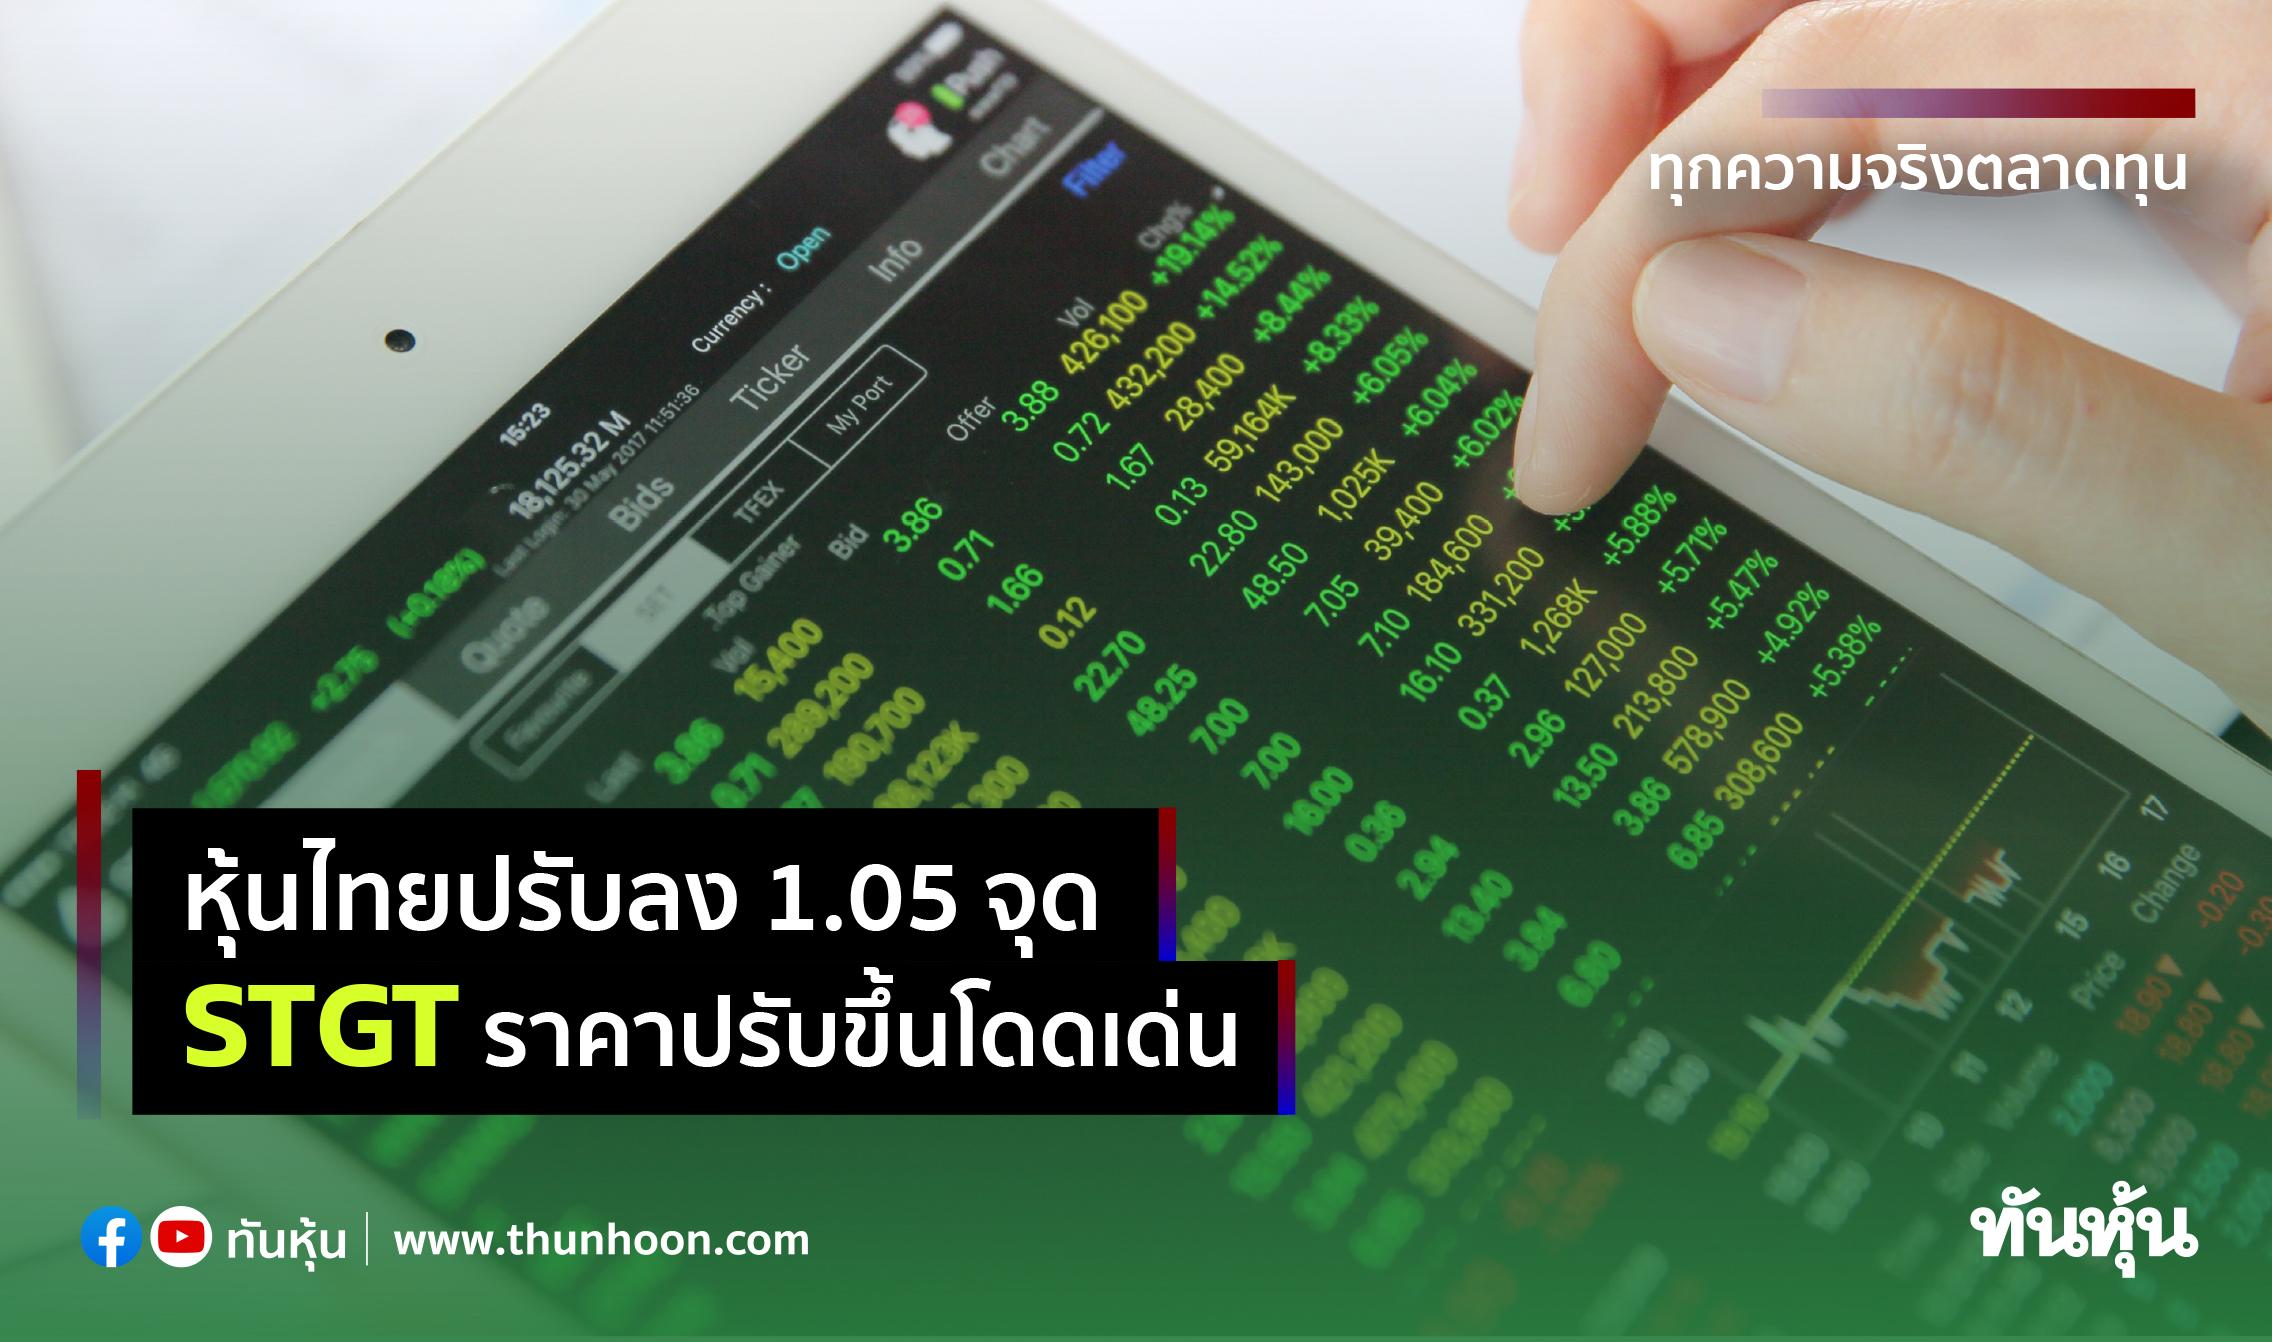 หุ้นไทยพักเที่ยงปรับลง 1.05 จุด STGT ราคาพุ่งแรงโดดเด่น